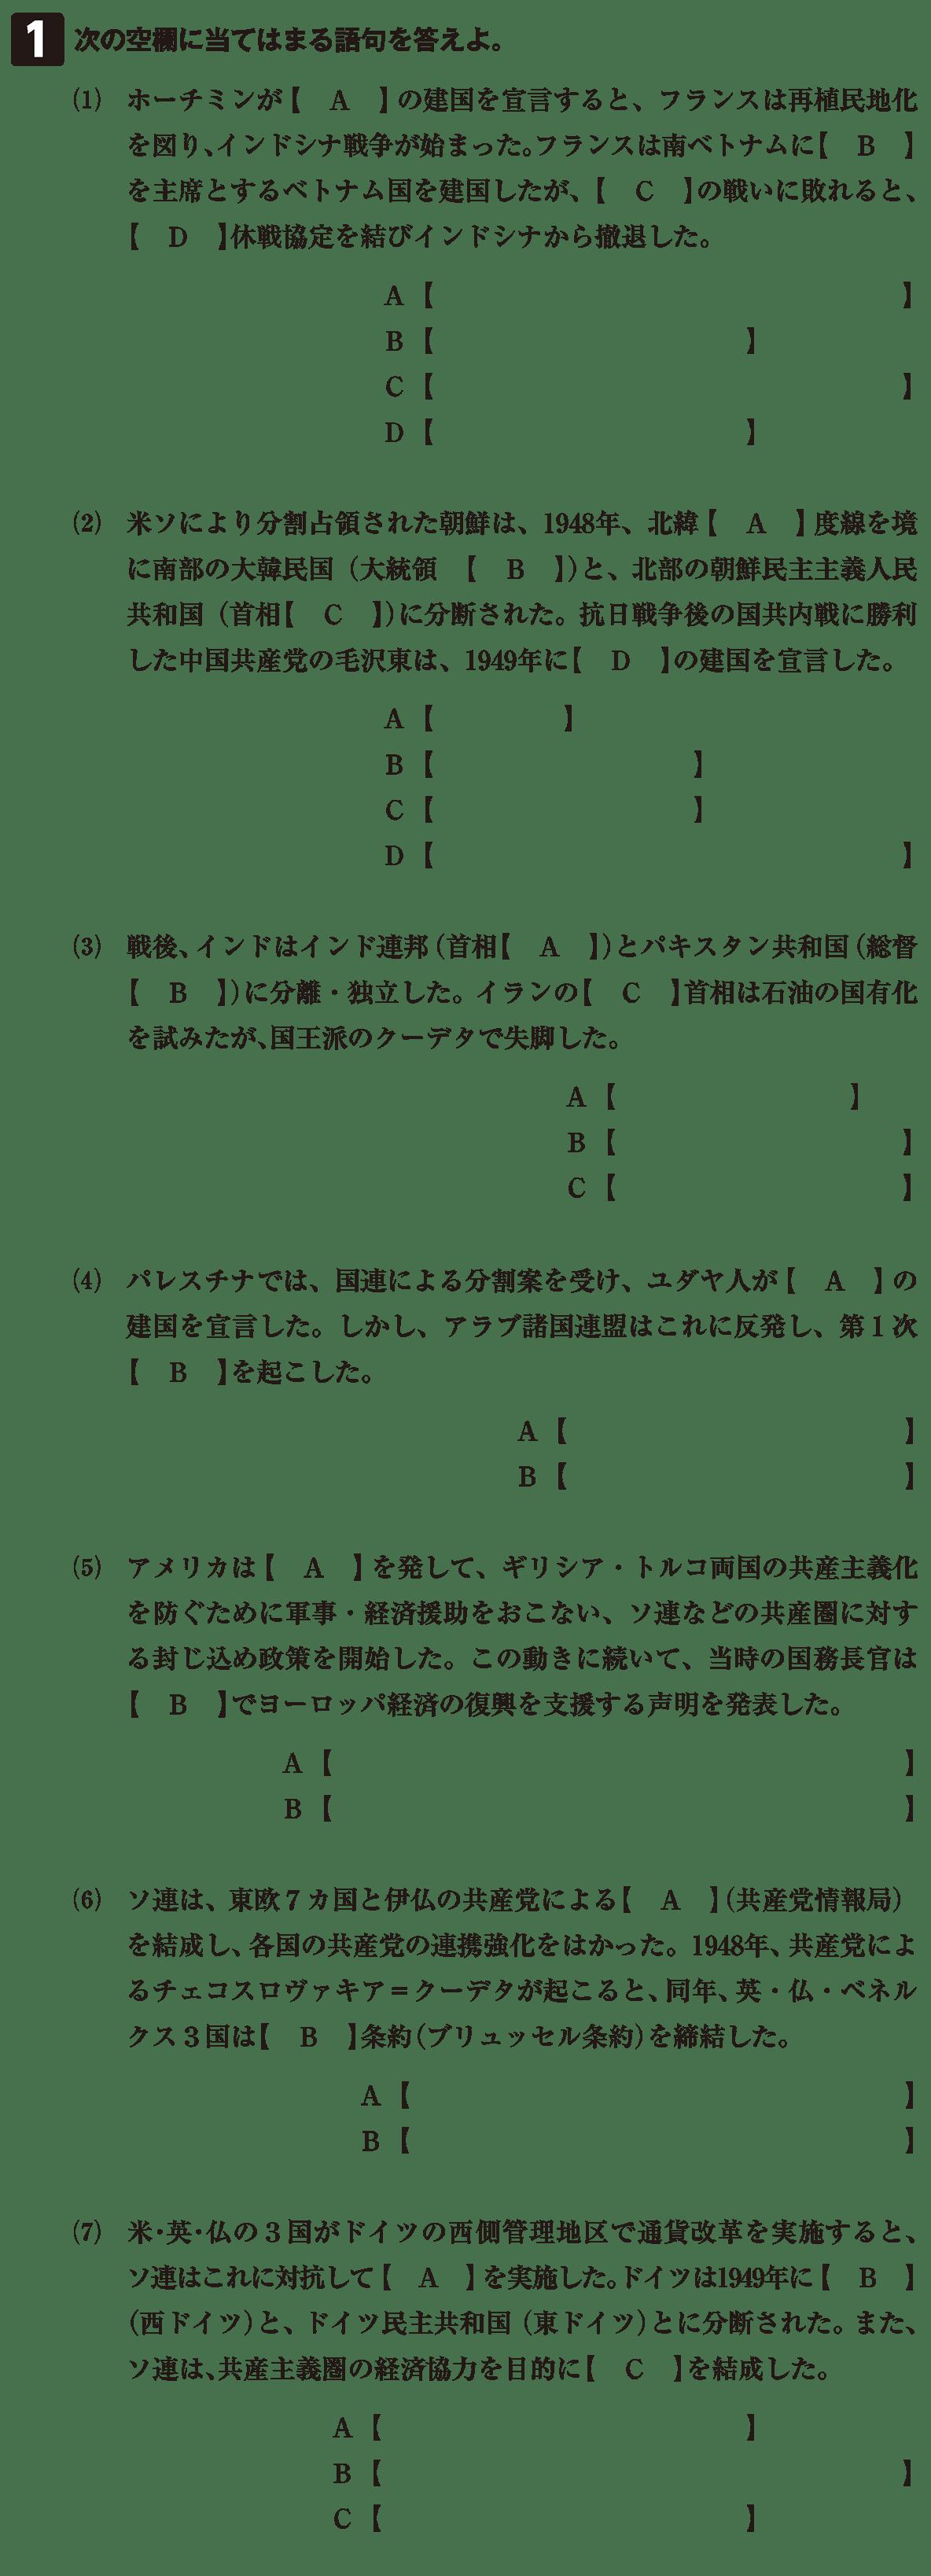 米ソ冷戦の時代7 確認テスト(前半)